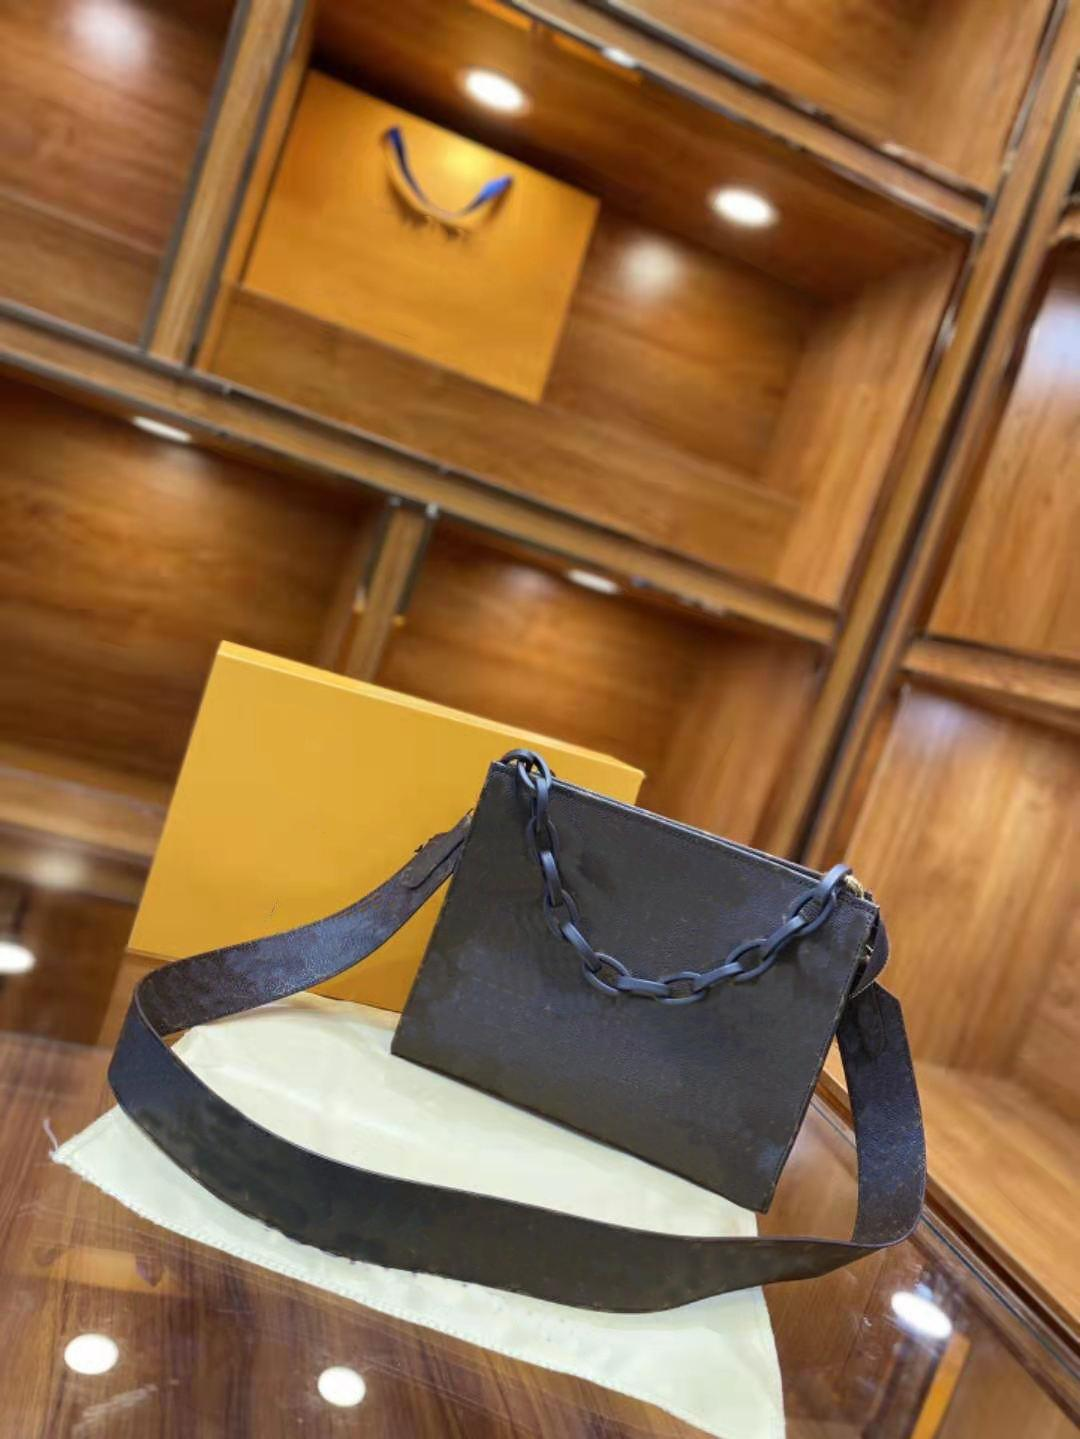 Kette Alar Bag Baguette Frauen Echtes Leder Handtaschen Braune Handtasche Schulter Messenger Bags Mode Presbyopia Mädchen